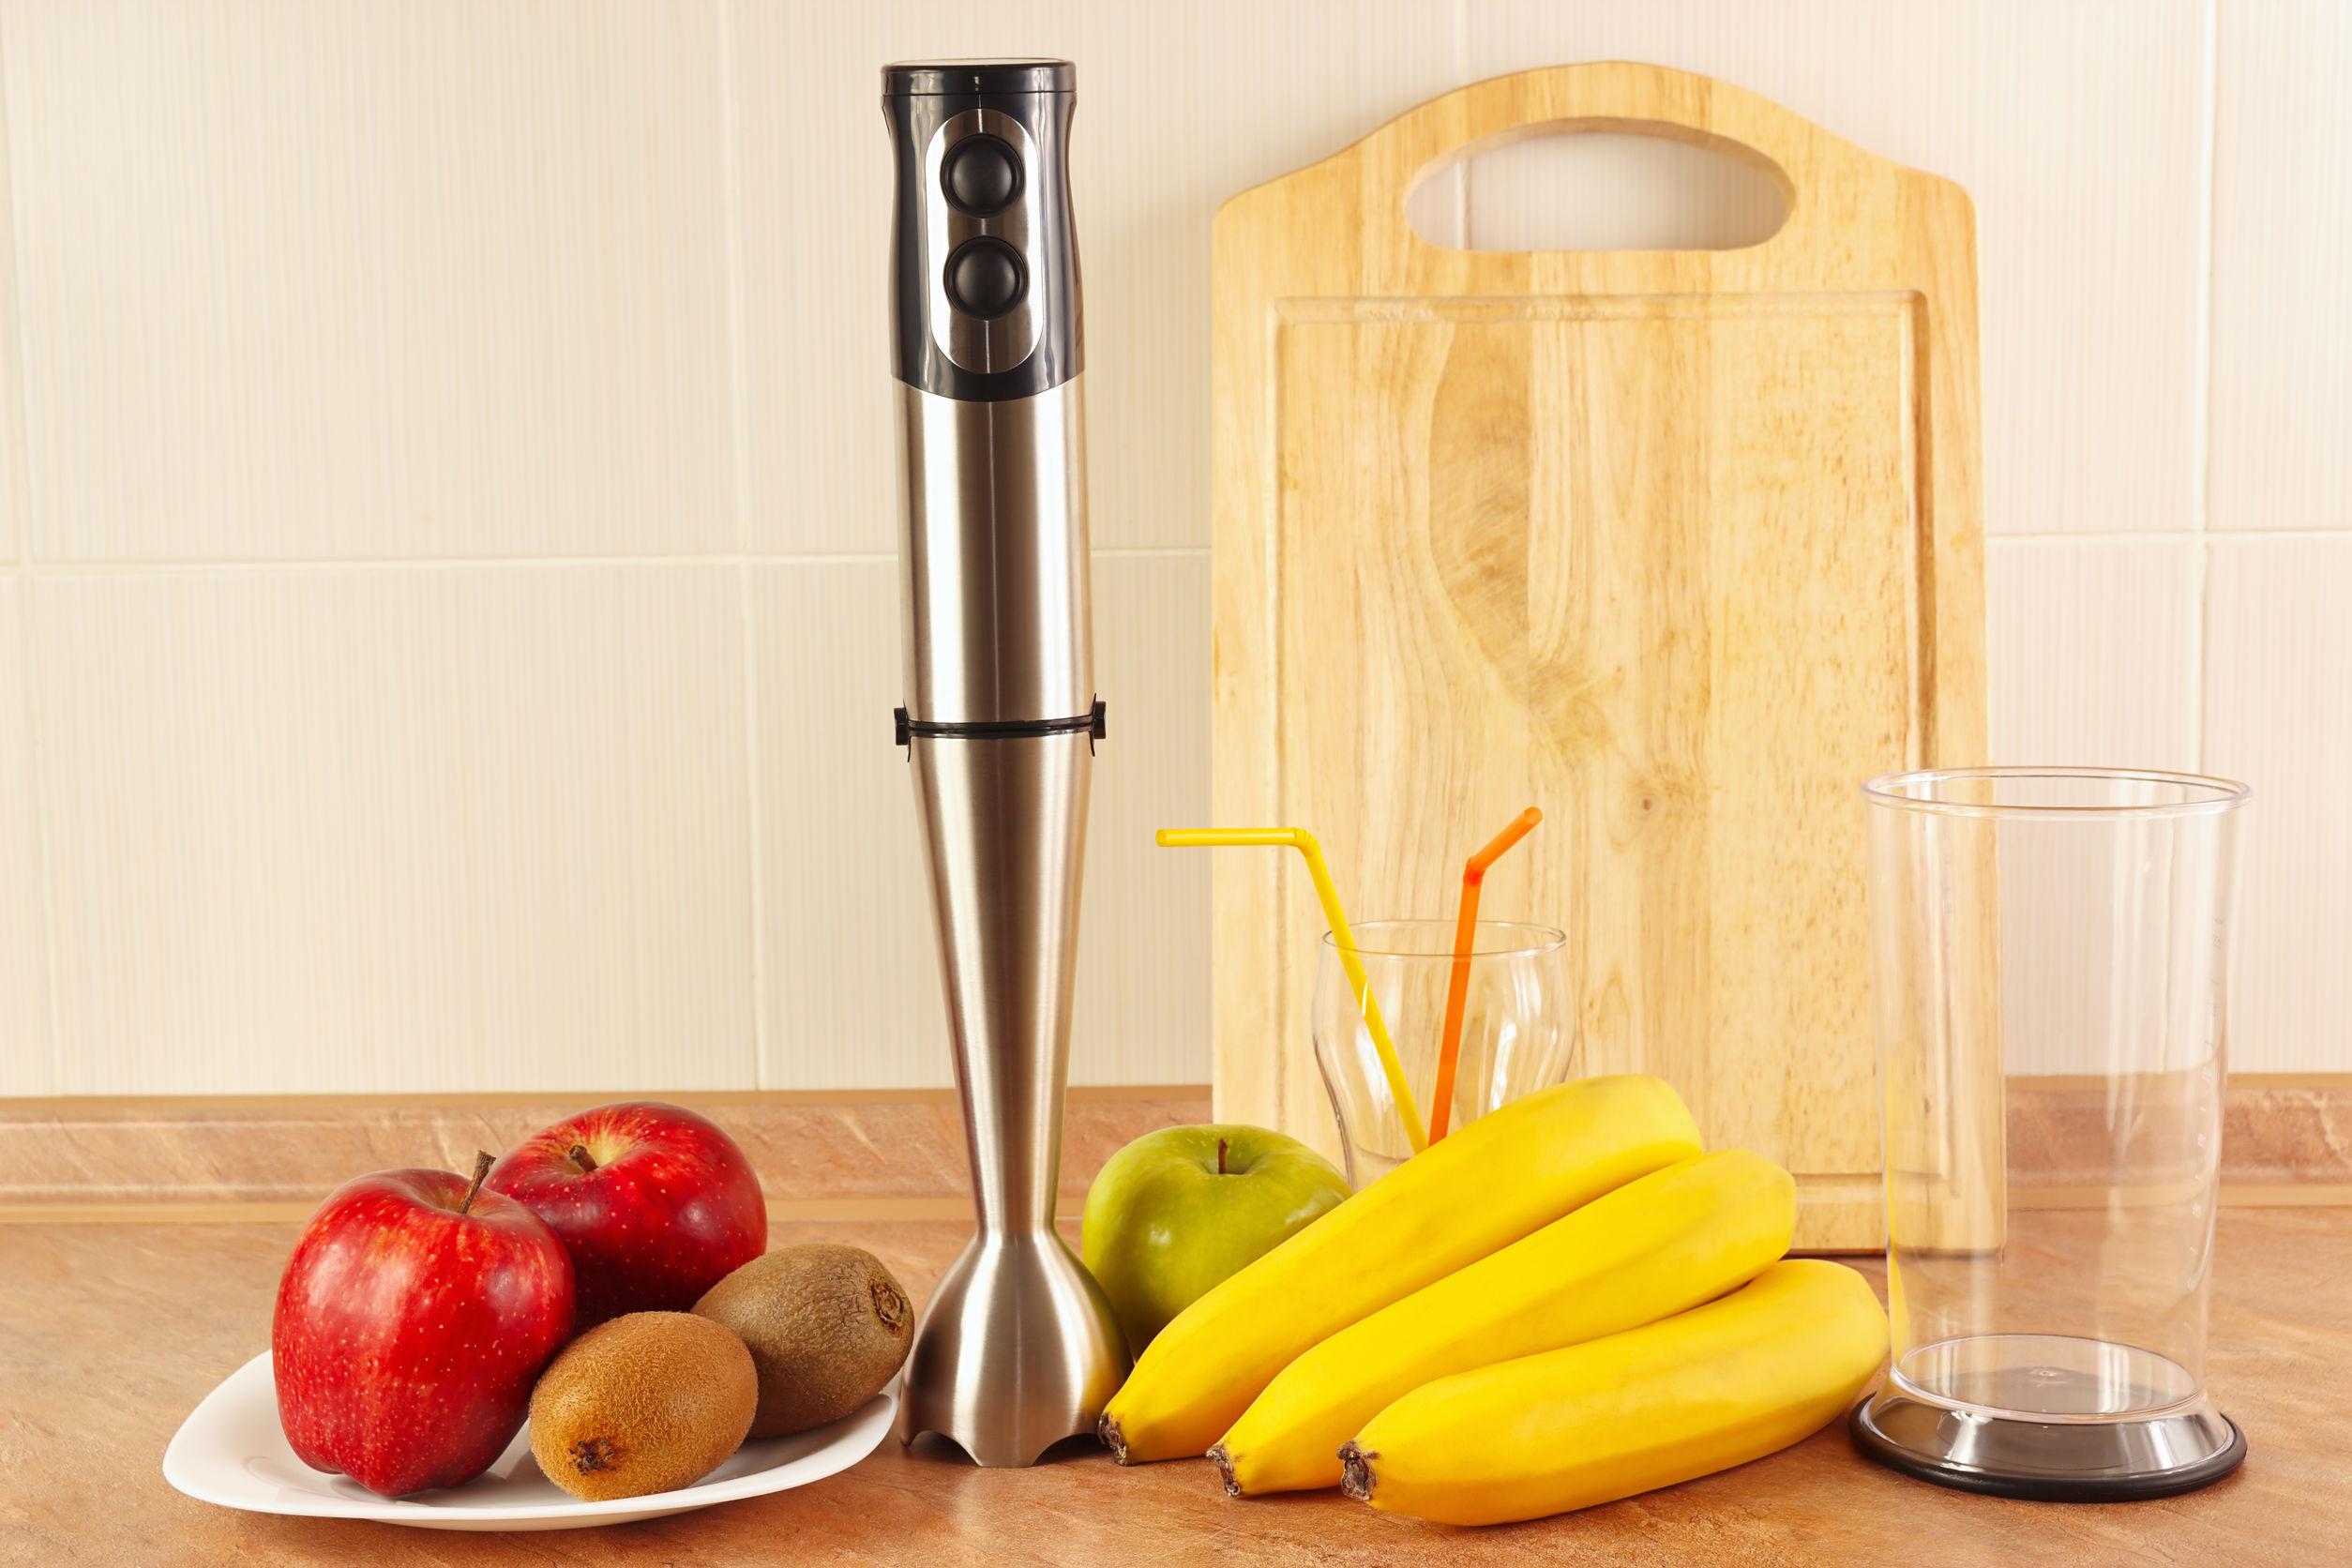 Bancada com frutas e copos com mixer para o preparo de bebidas